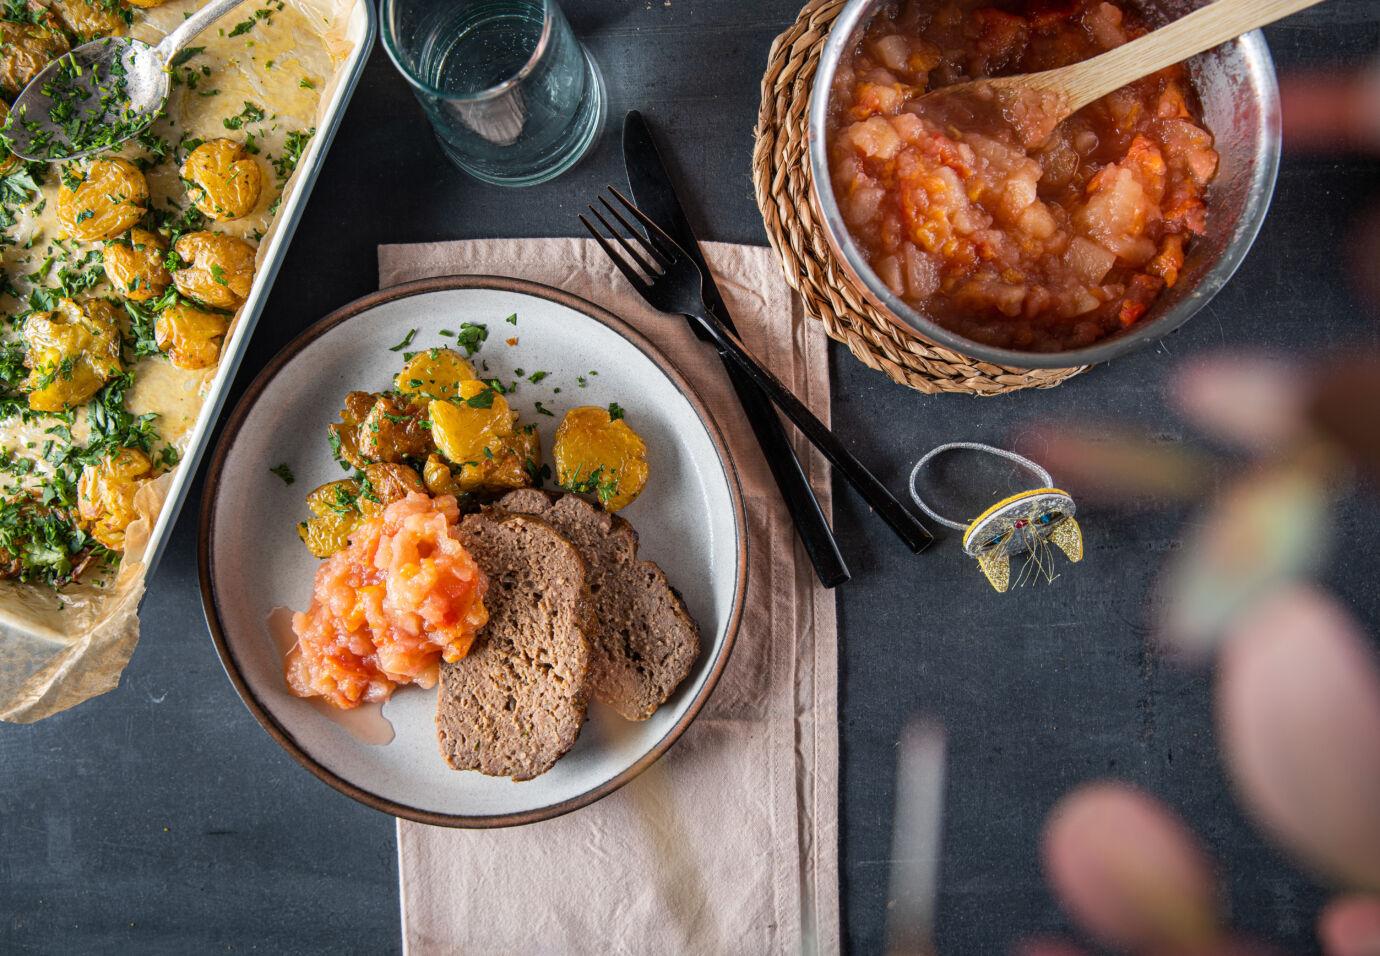 Vleesbrood-met-appel-pruimen-compote-en-geplette-krieltjes - door-Sofie-Dumont